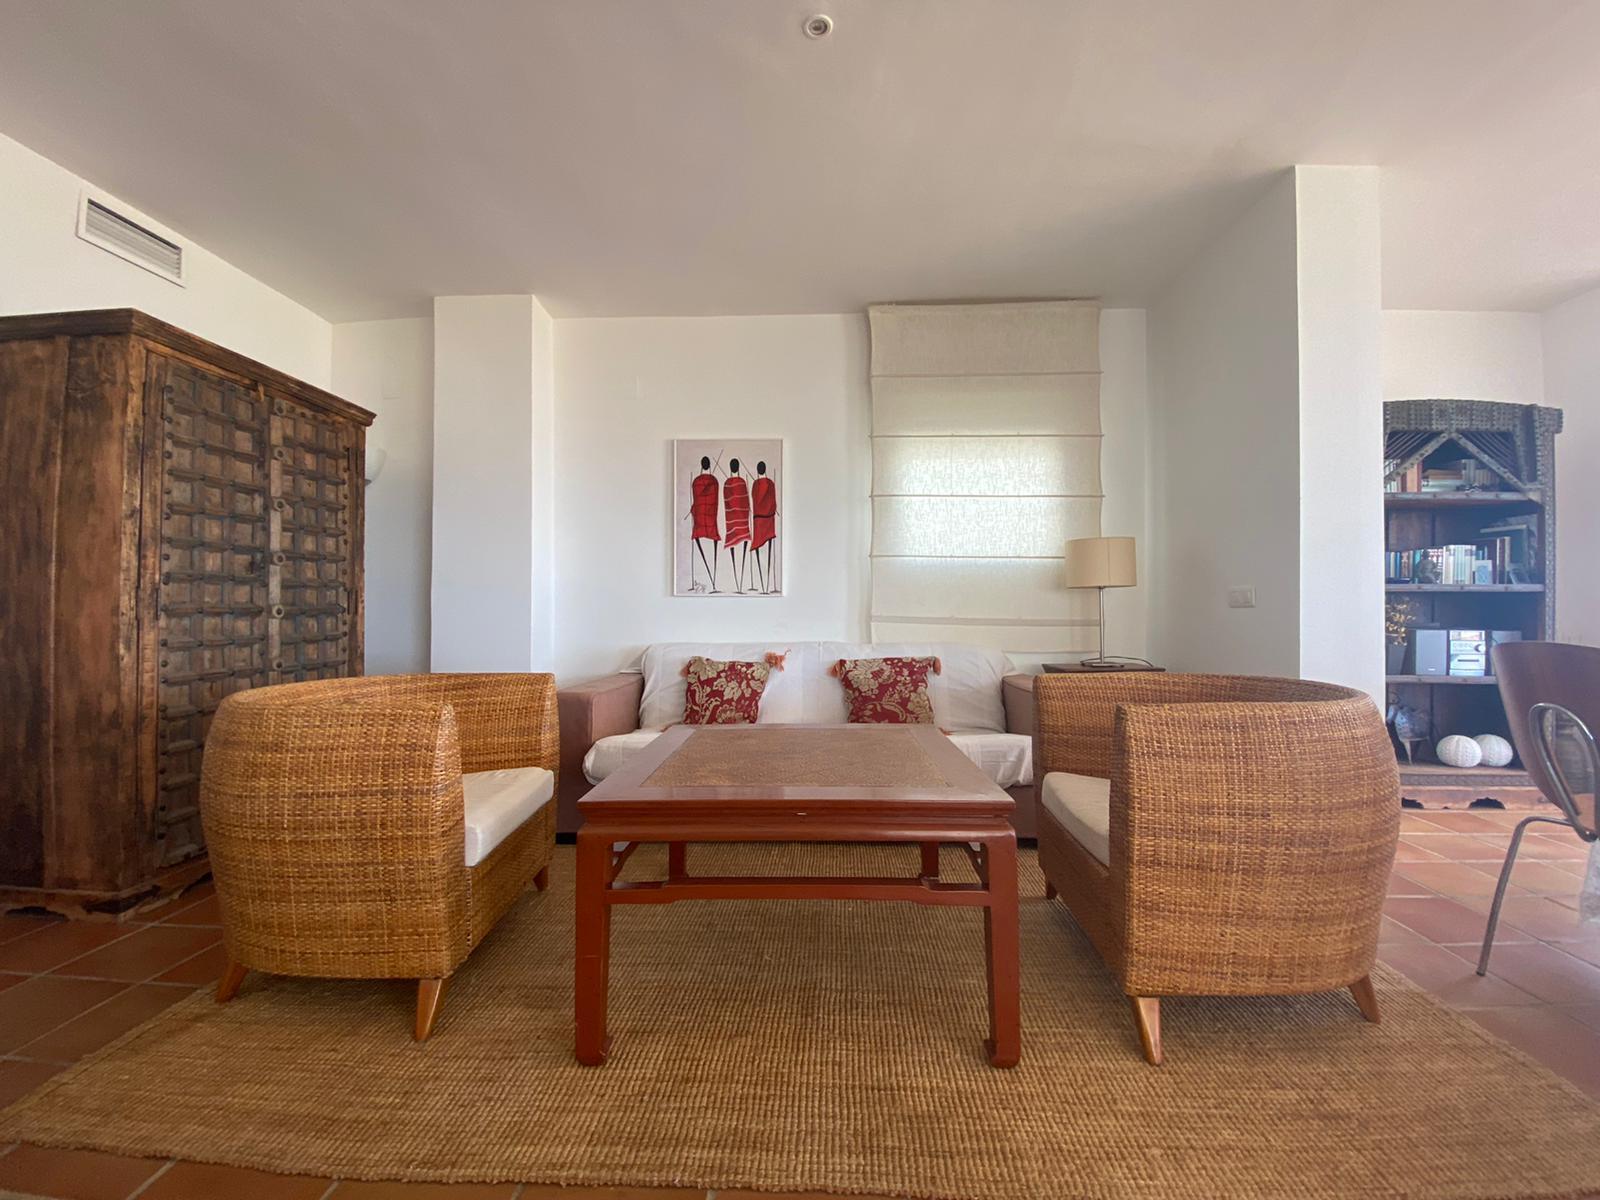 Imagen 18 del Apartamento Turístico, Ático 3 Levante, Frontal (4d+2b), Punta del Moral (HUELVA), Paseo de la Cruz nº22